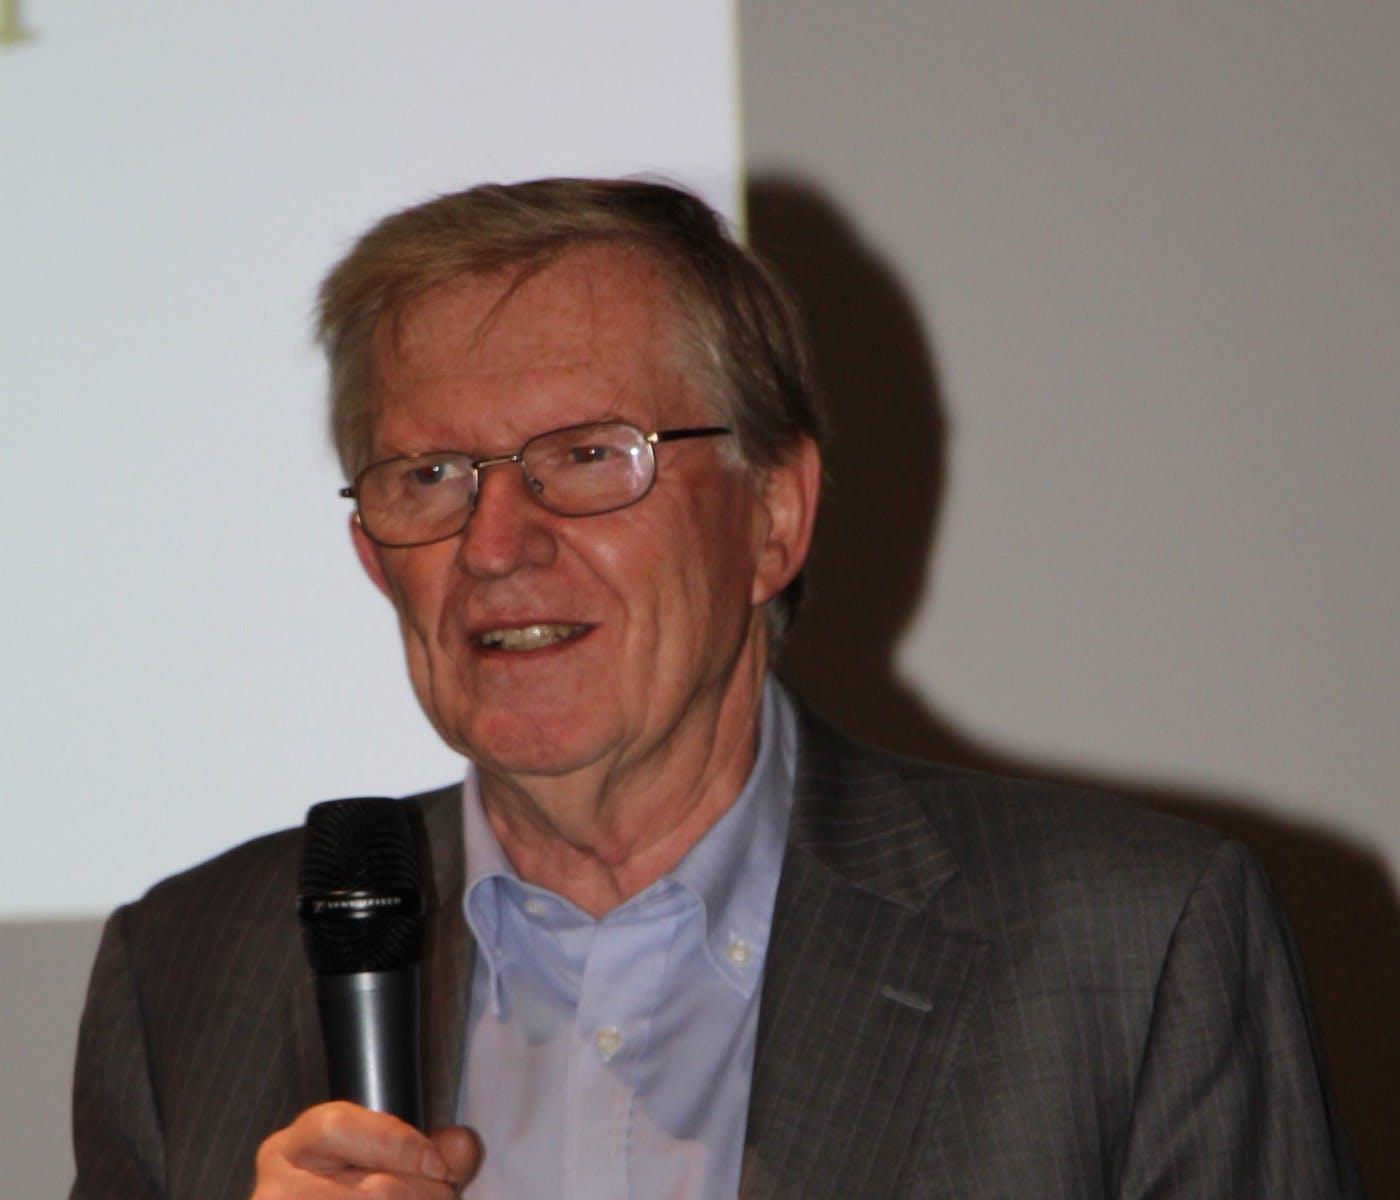 Dr. Werner Leixnering